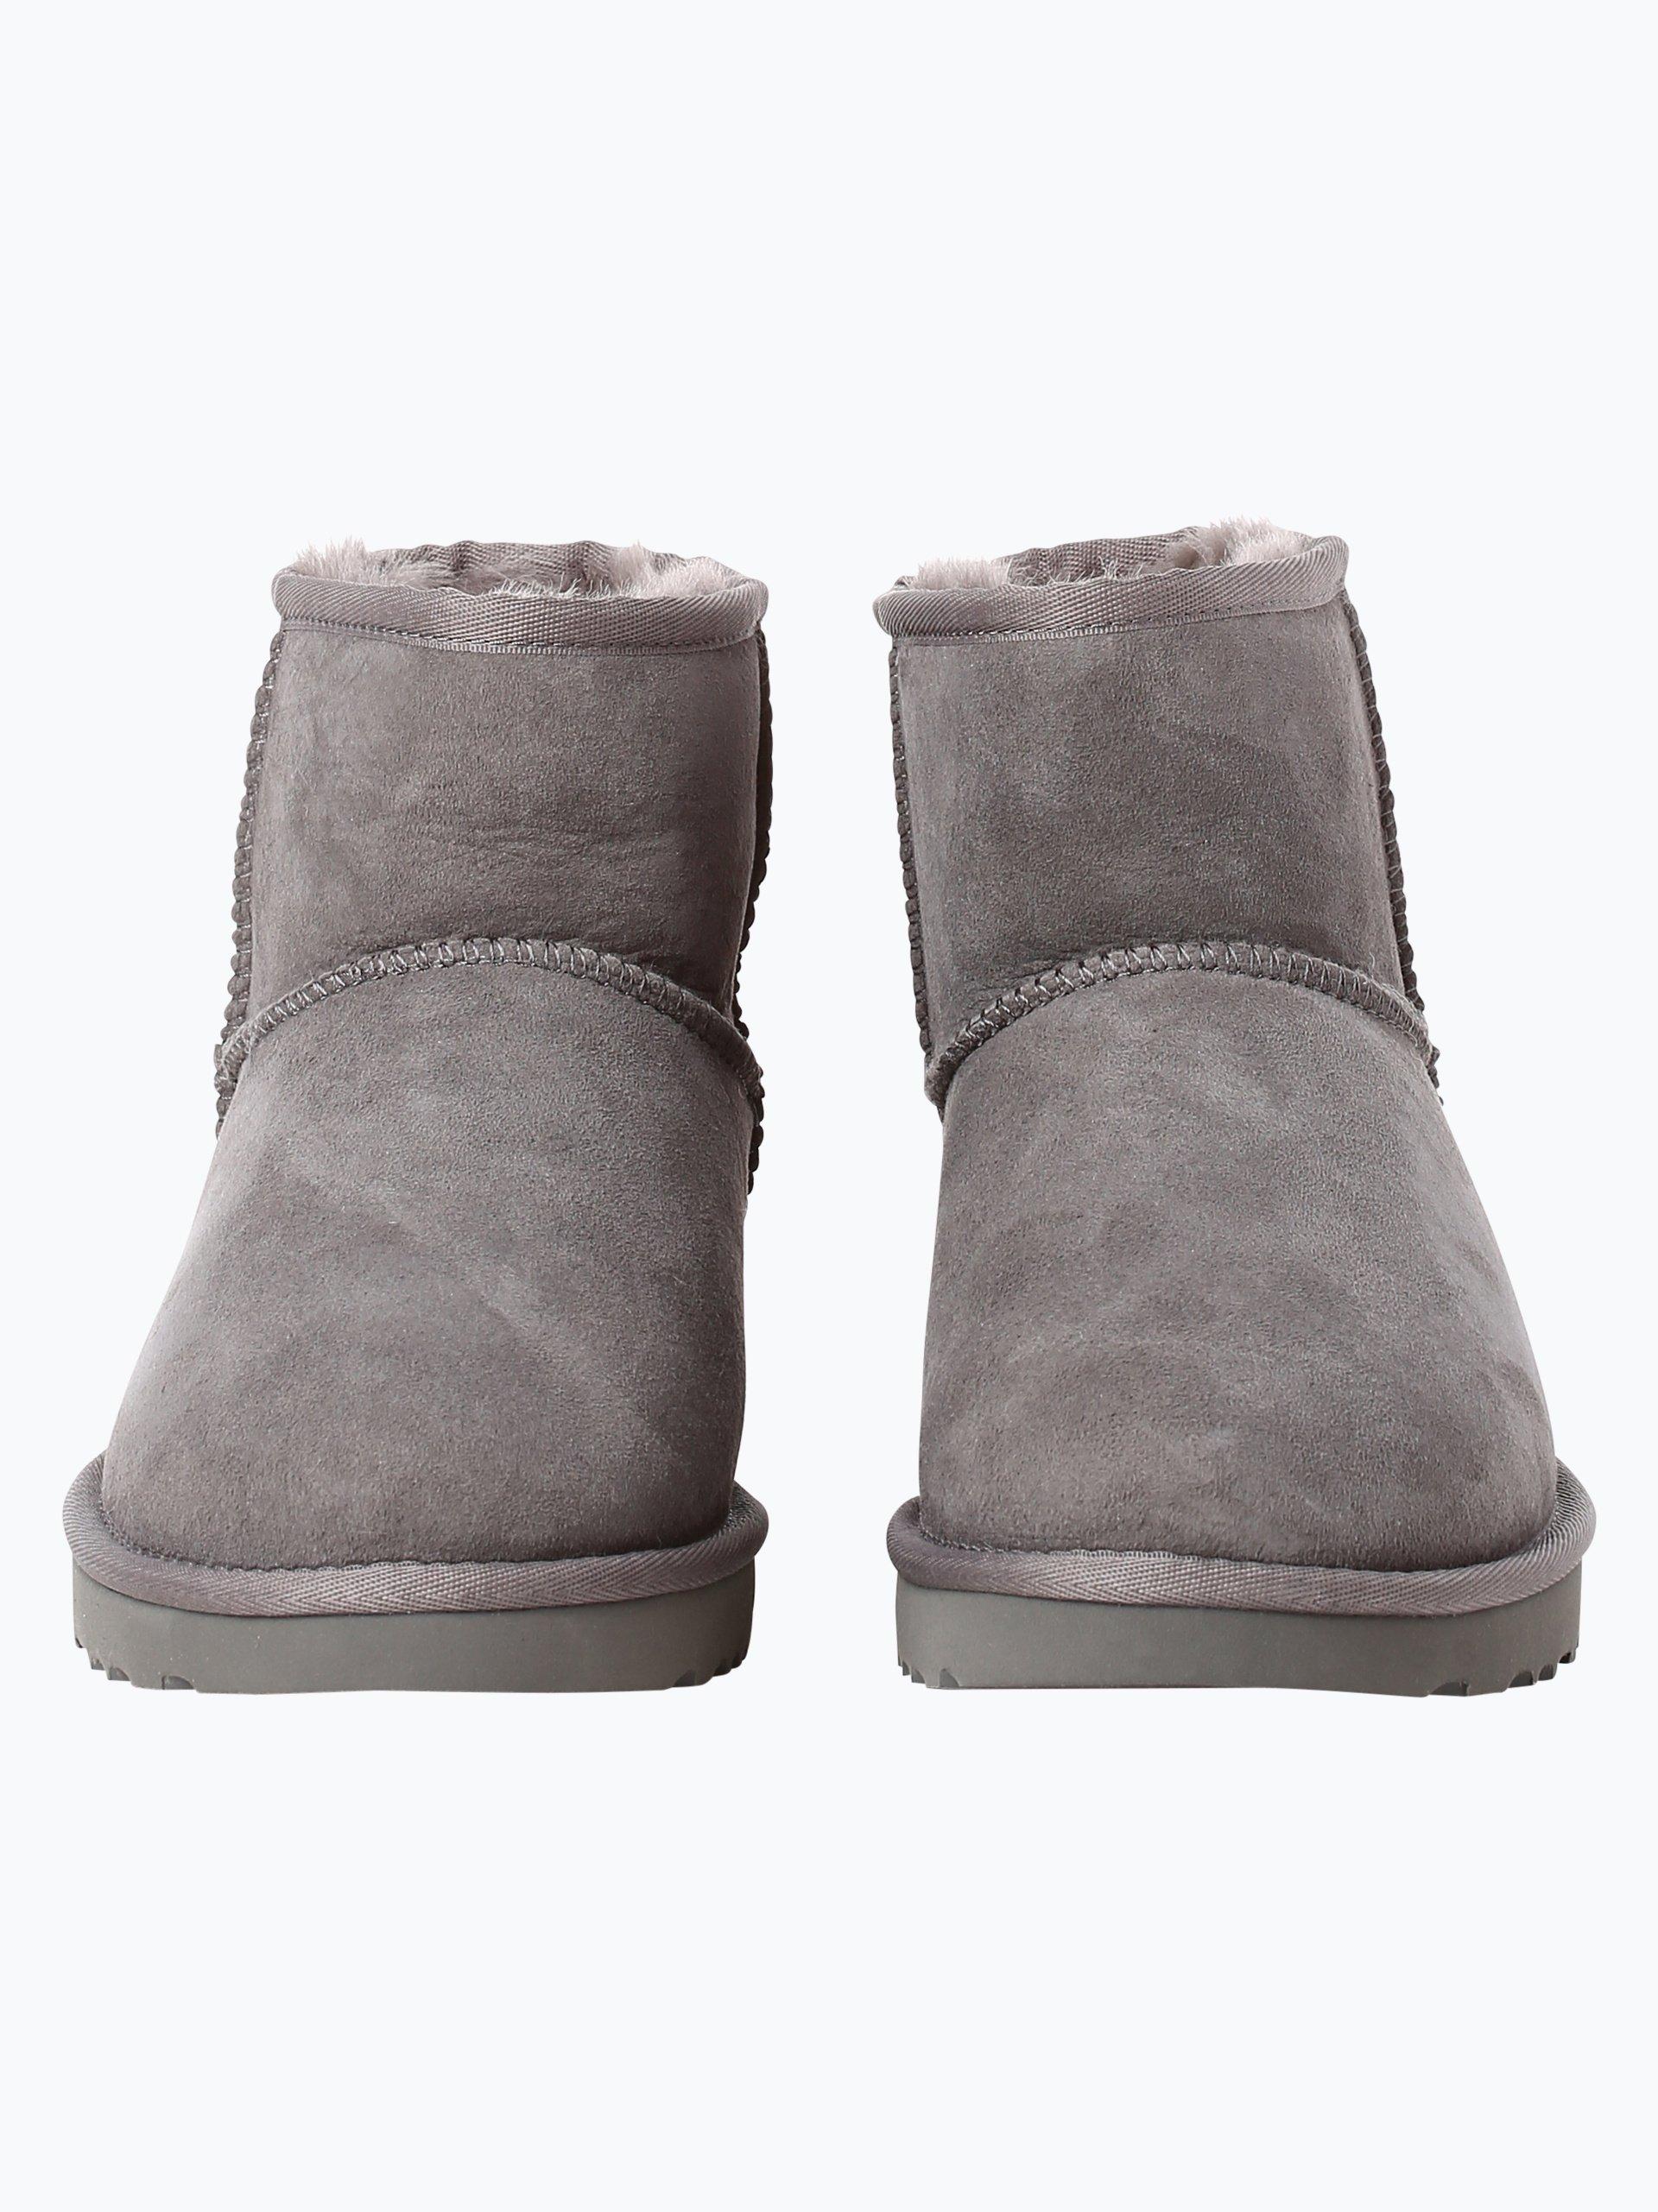 ugg damen boots aus leder grau uni online kaufen. Black Bedroom Furniture Sets. Home Design Ideas